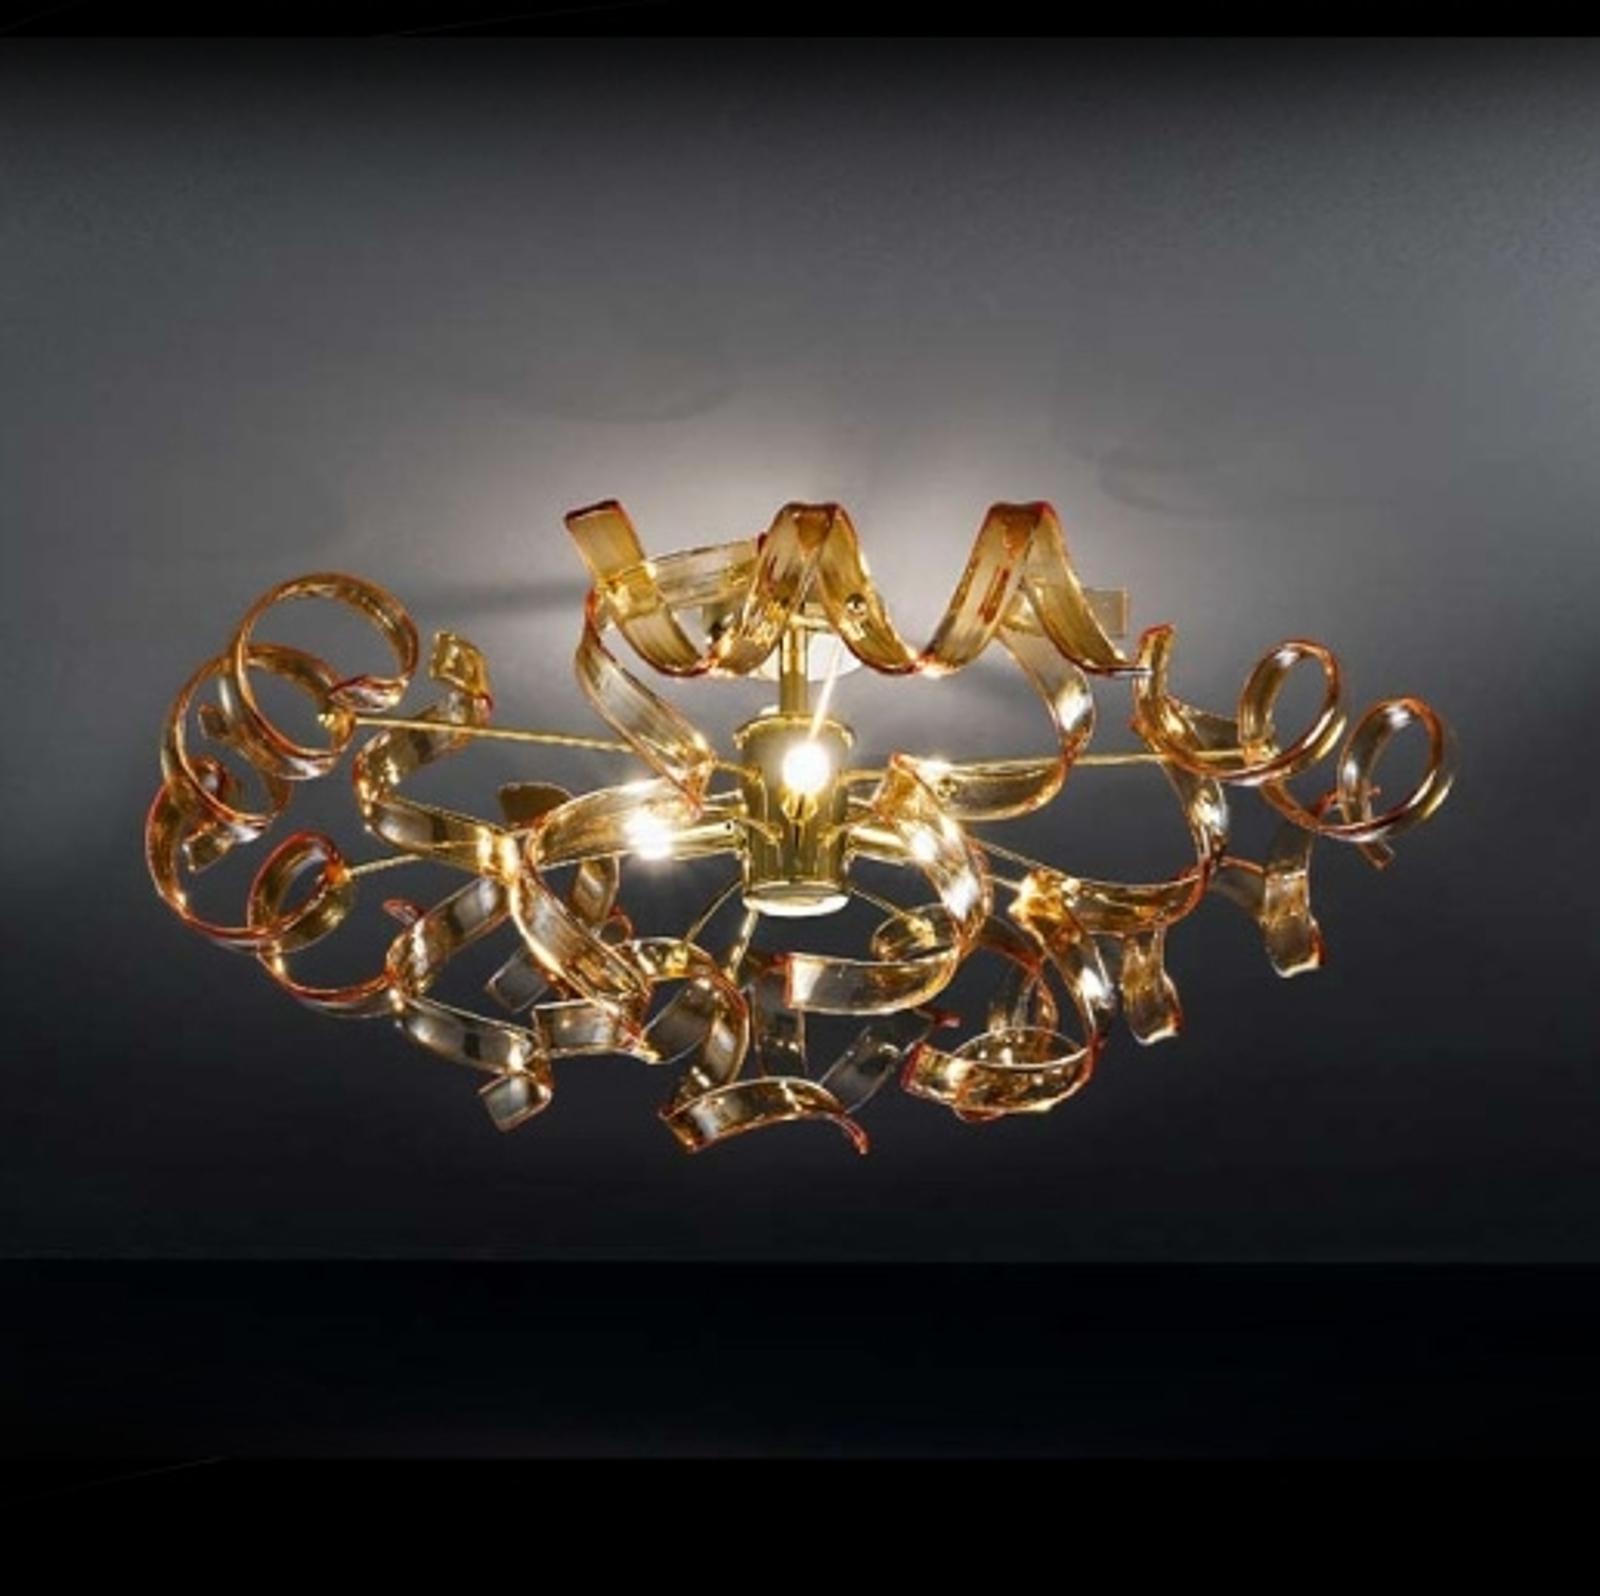 Ravgul taklampe AMBER, 60 cm i diameter